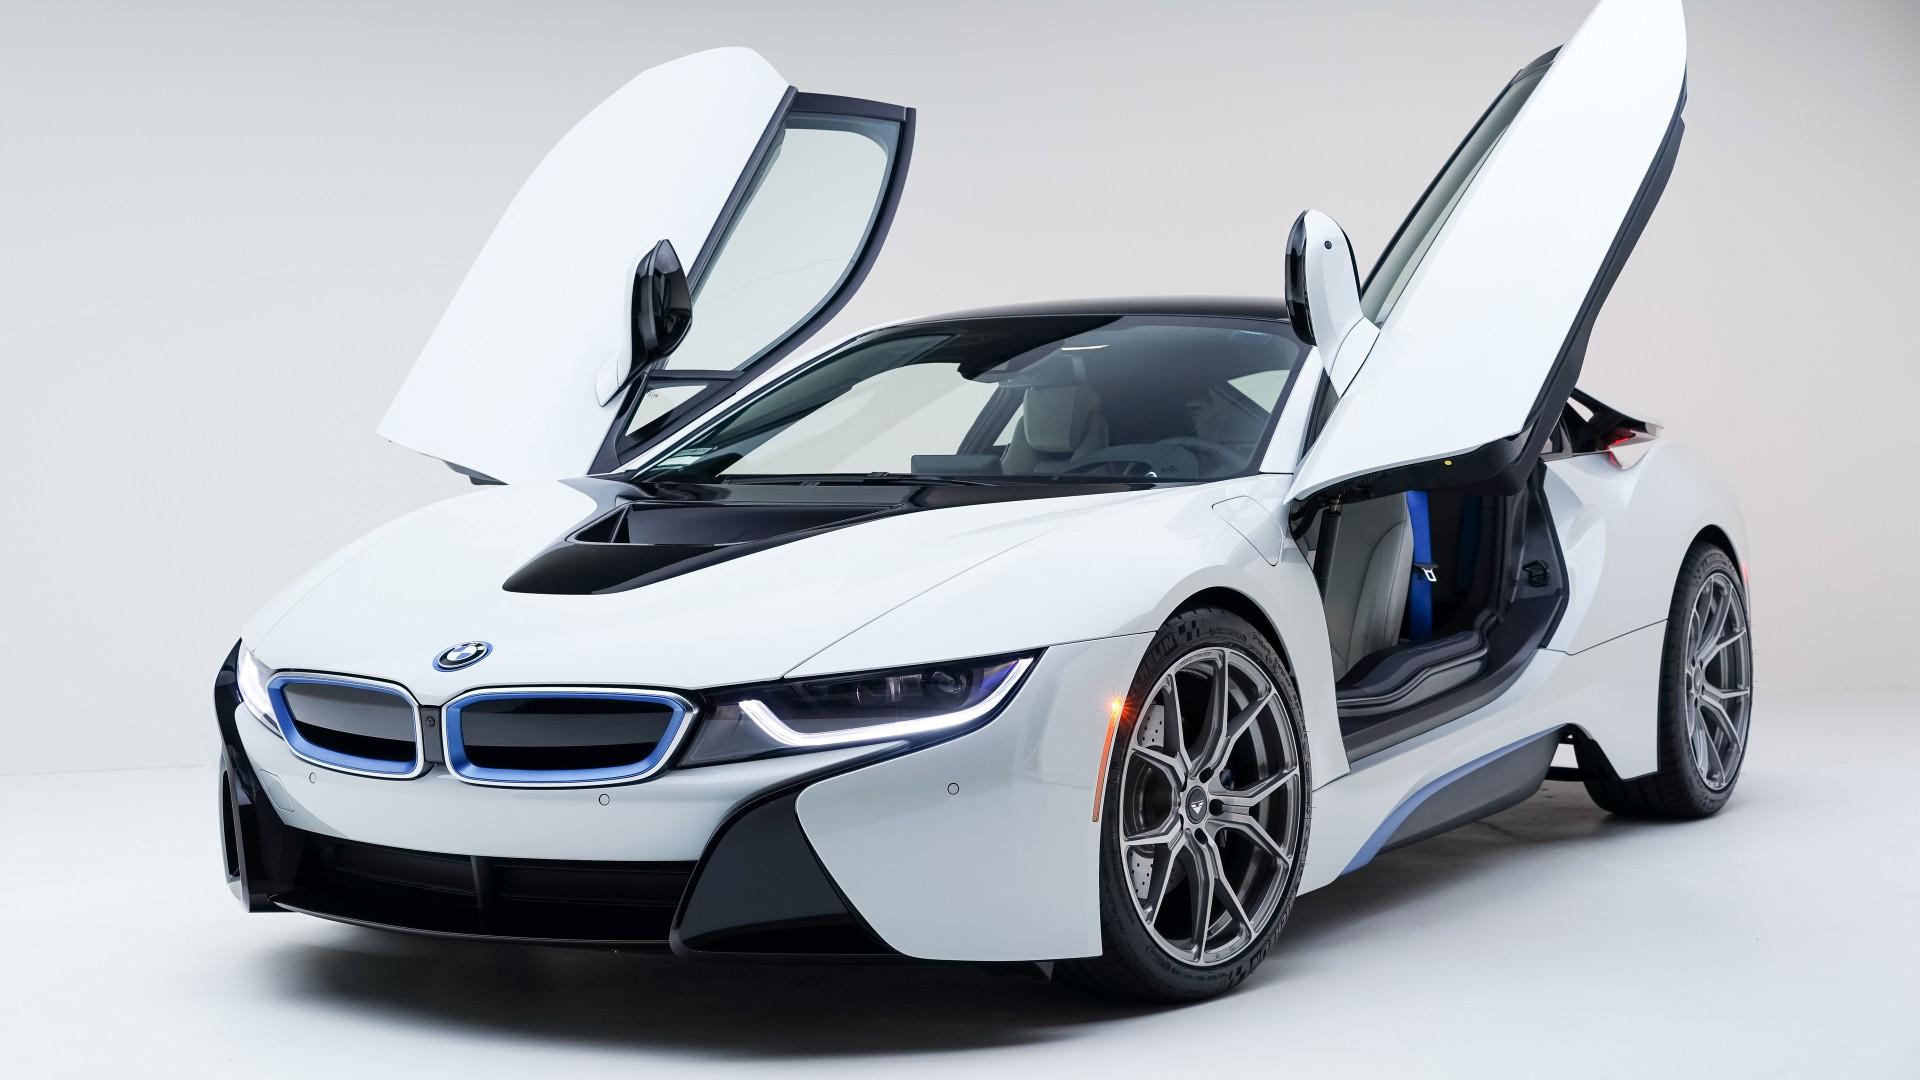 Bmw I8 Car Concept 4k Hd Desktop Wallpaper For 4k Ultra Hd: Vorsteiner BMW I8 Wallpaper